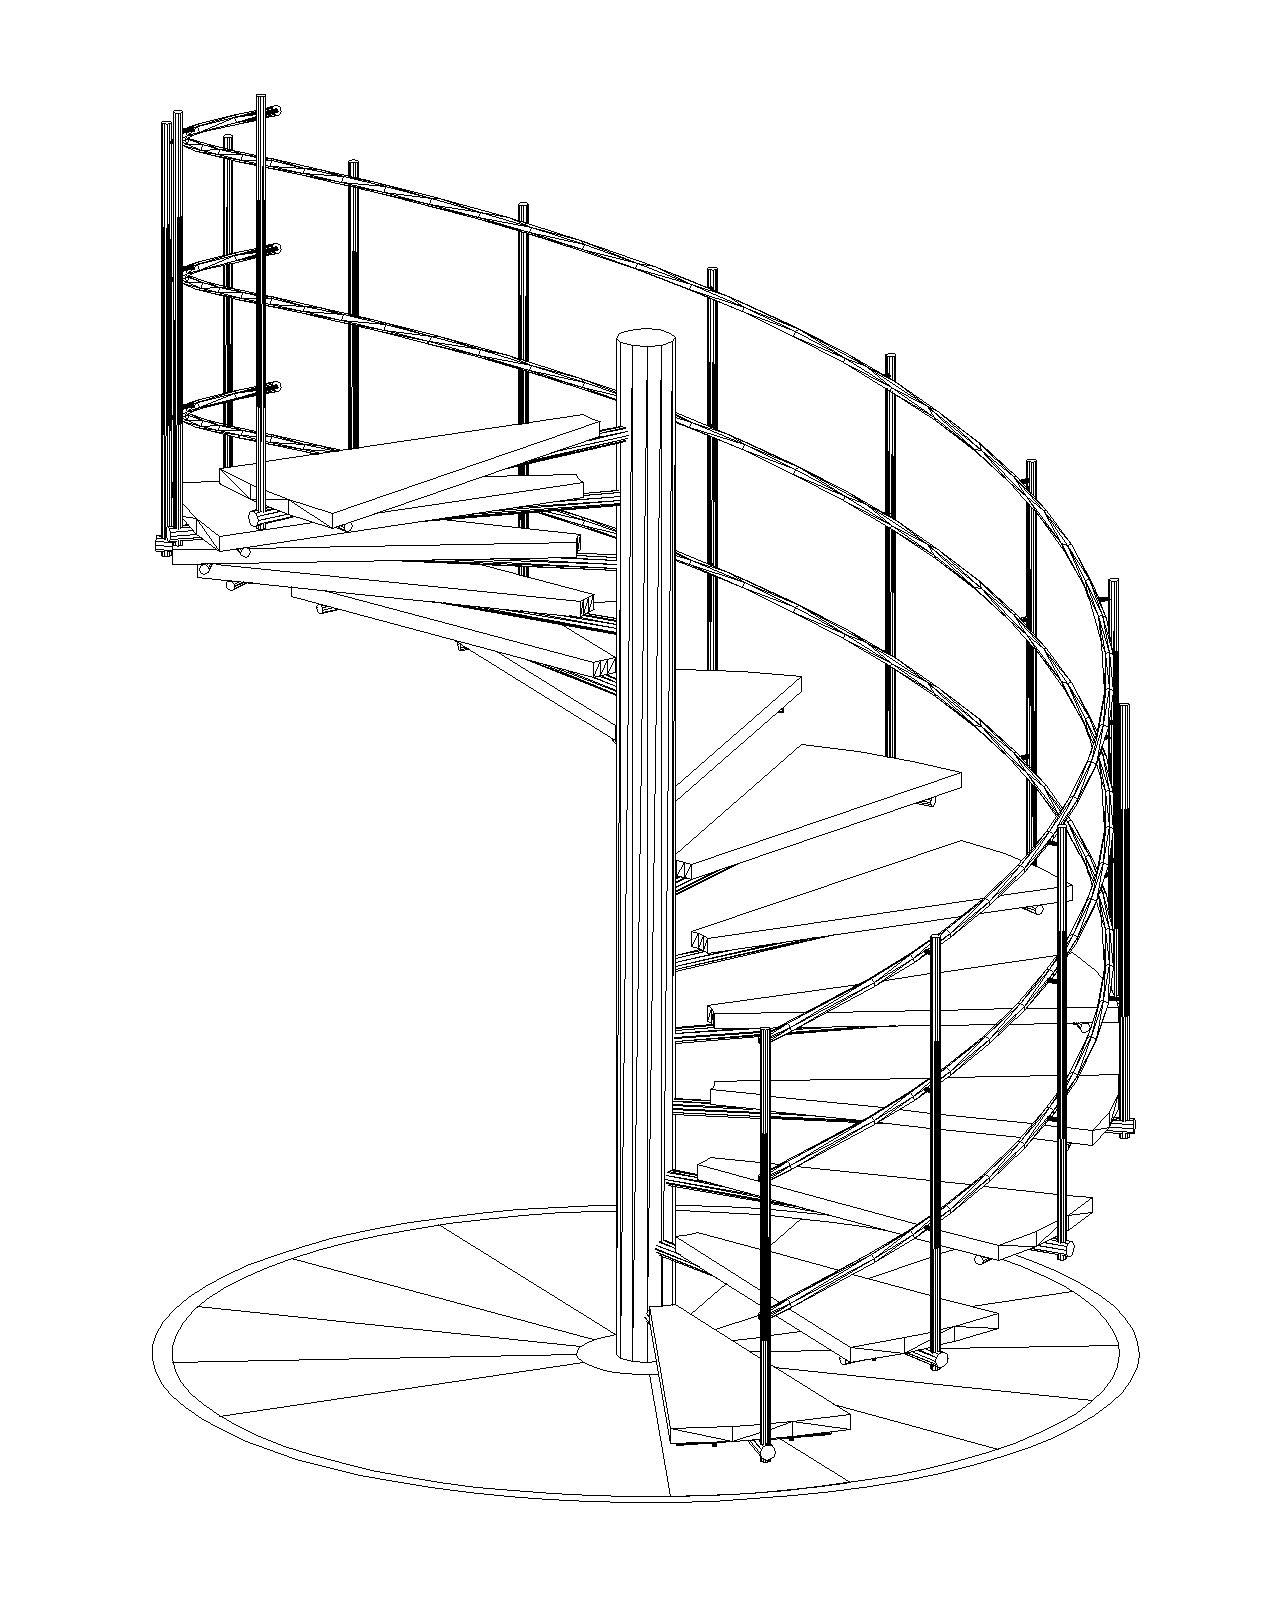 Ejercicio 8 escalera caracol propio escaleras for Escalera caracol 2 pisos